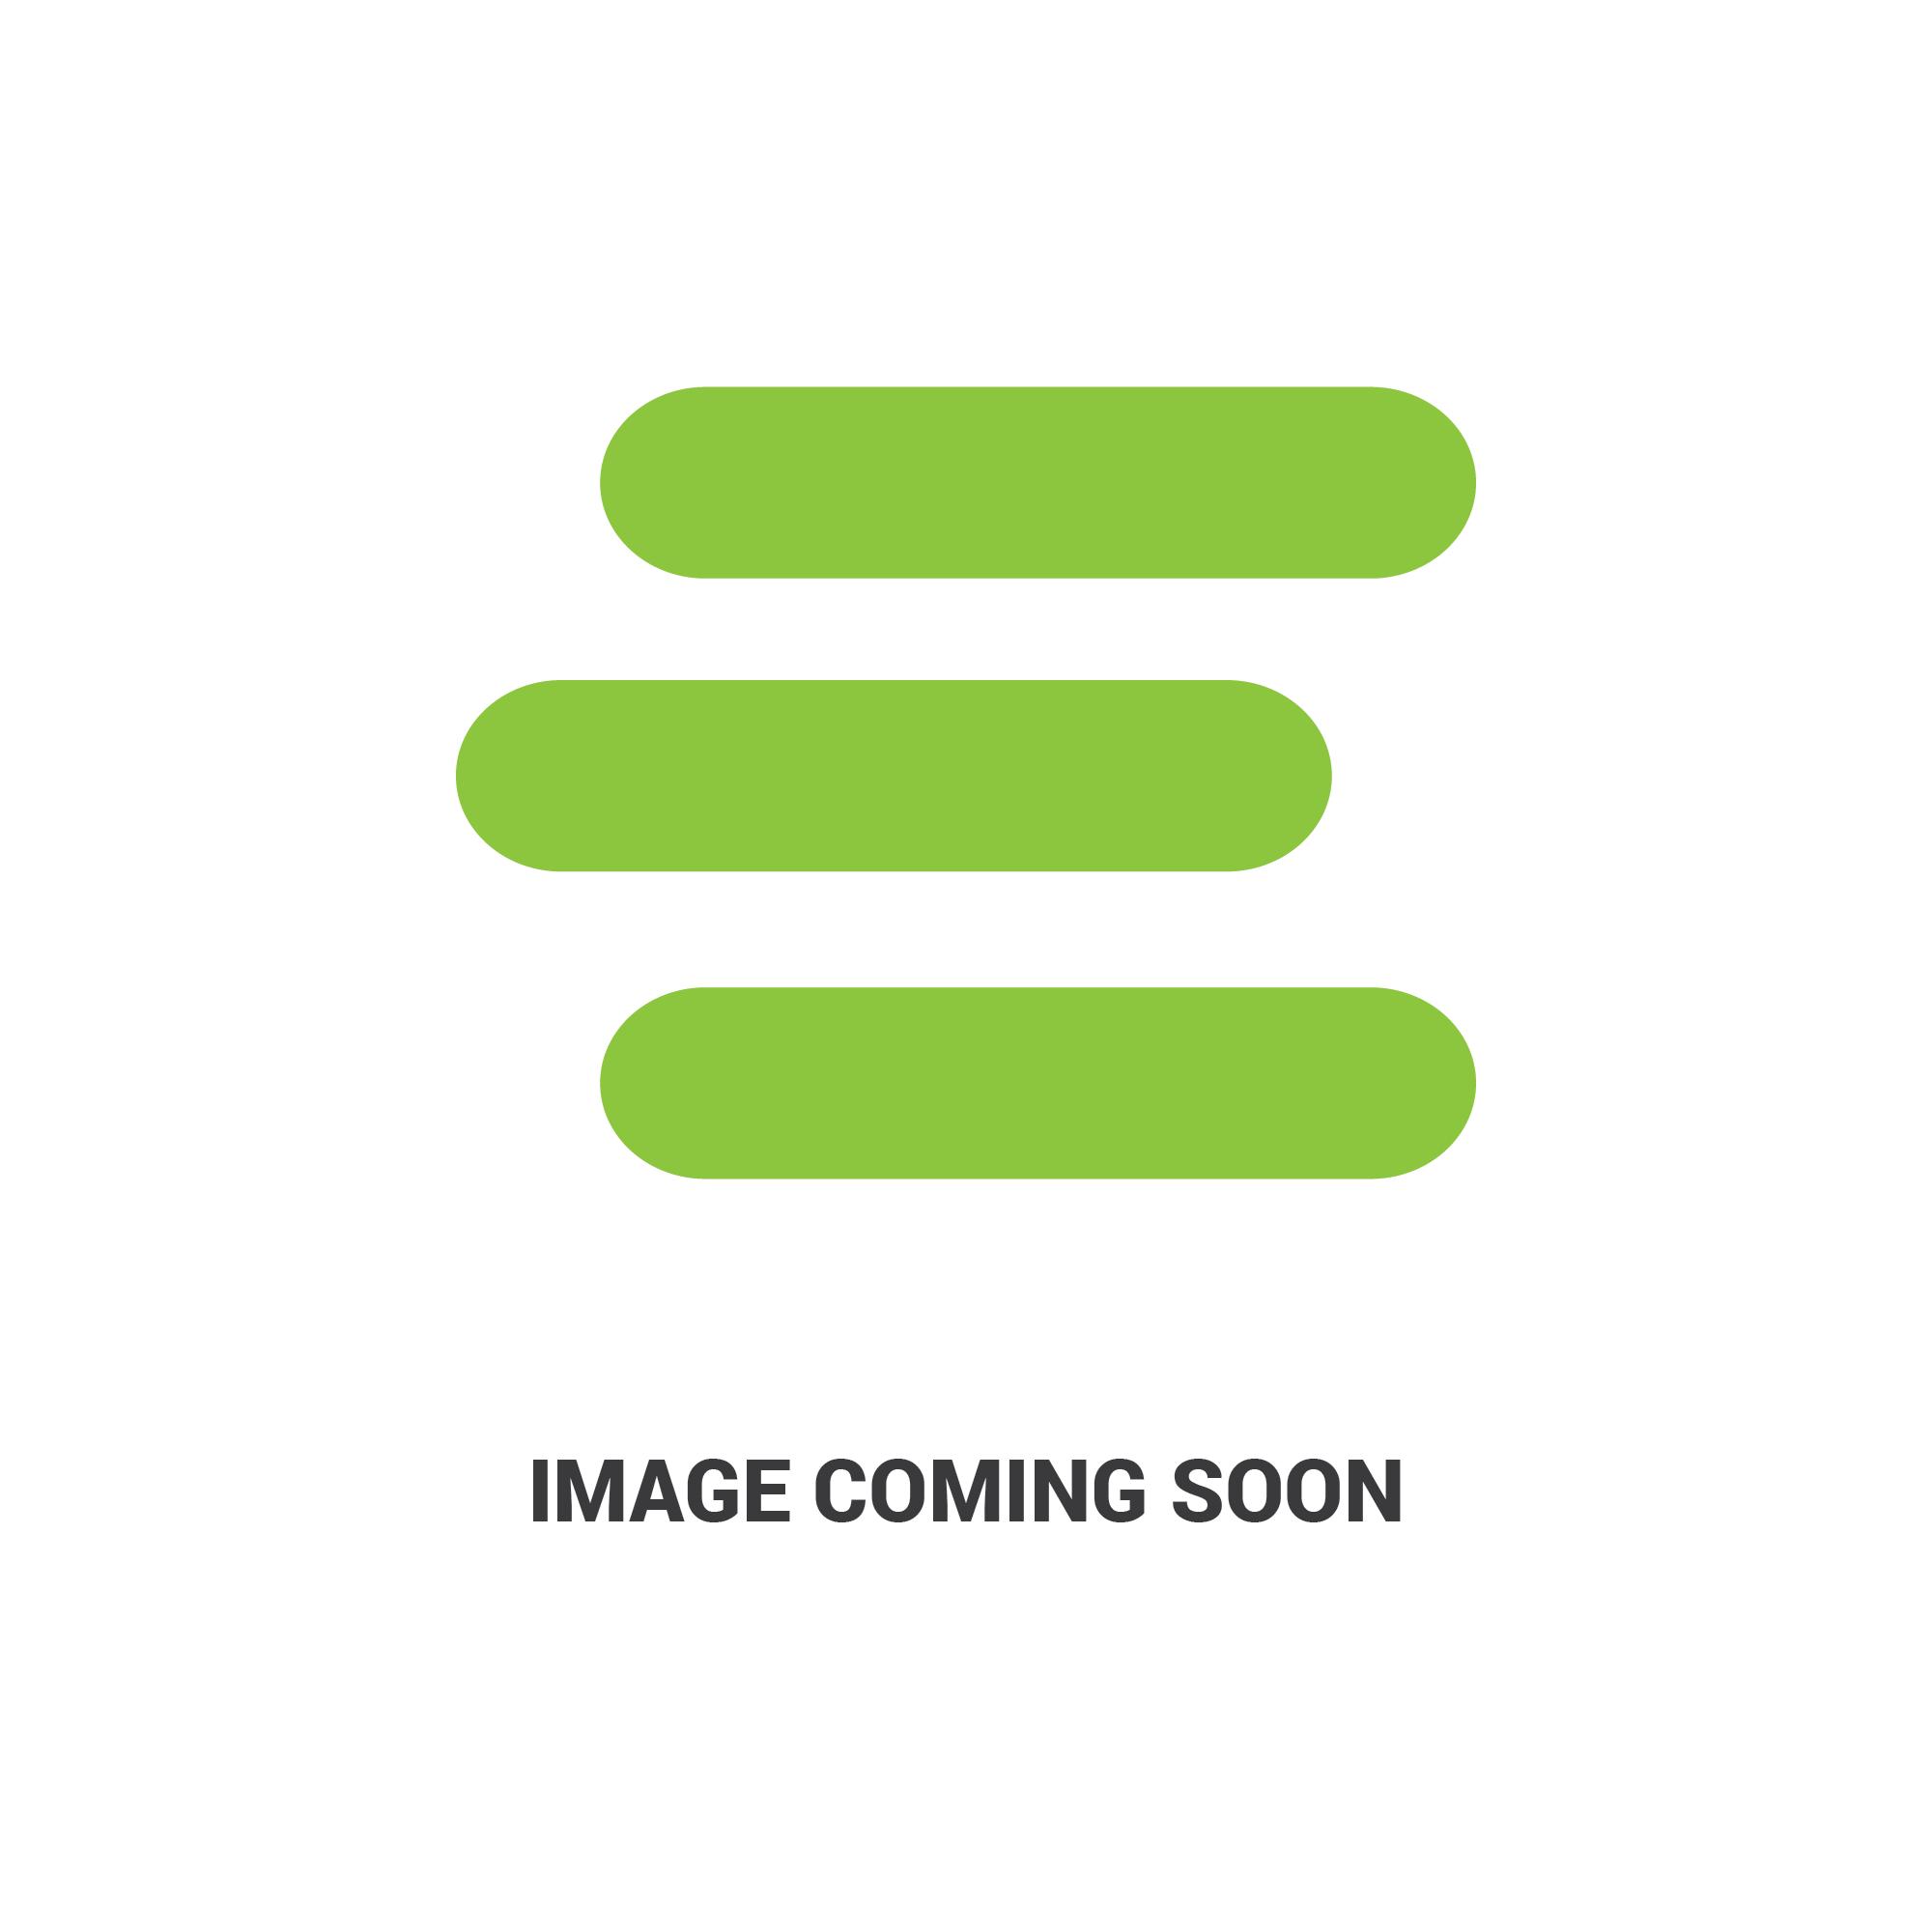 E-527745Kedit 2.jpg